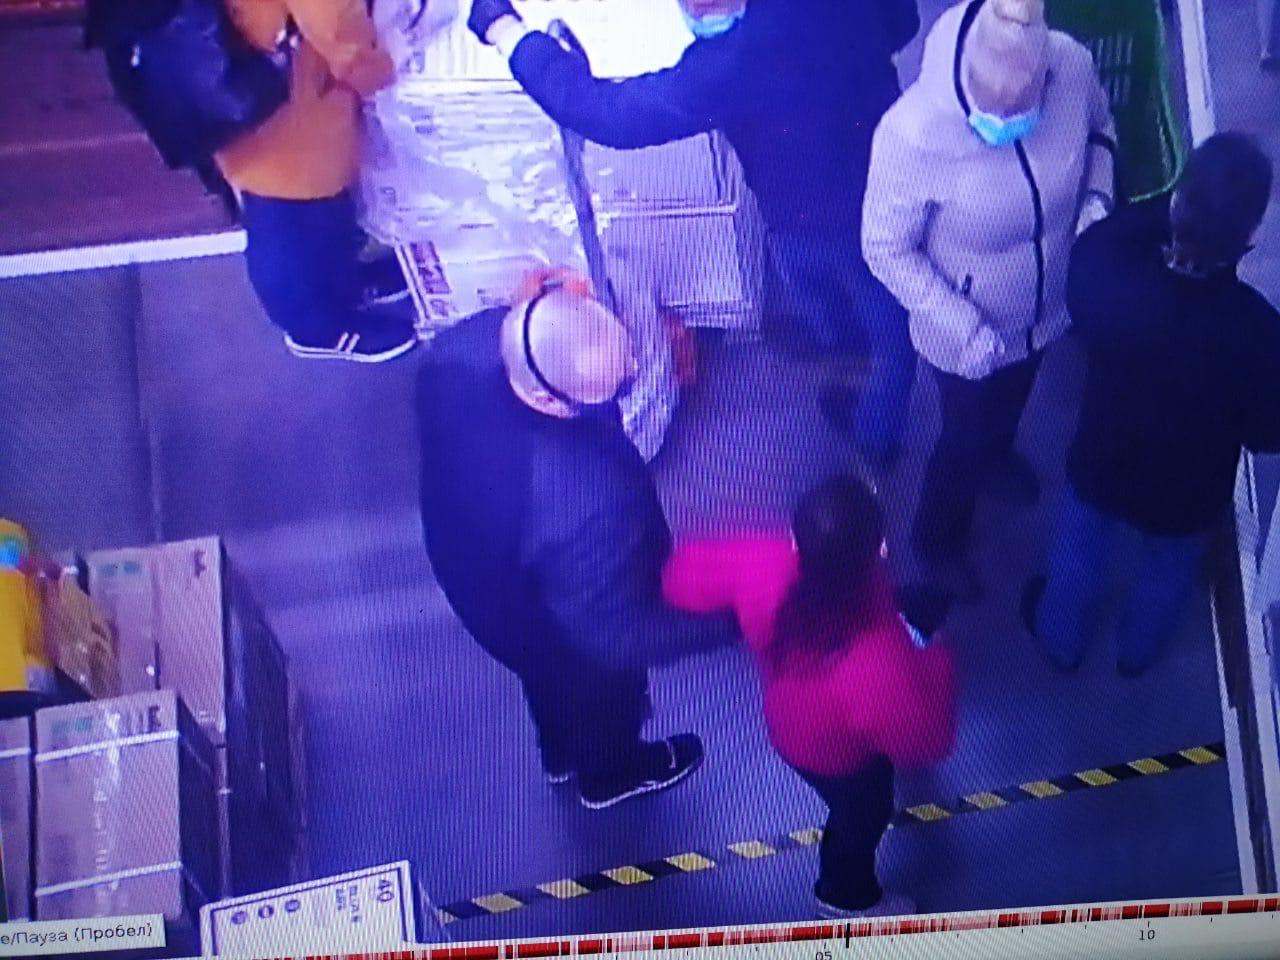 Ревнитель масочного режима набросился на ярославну, спустившую маску на подбородок